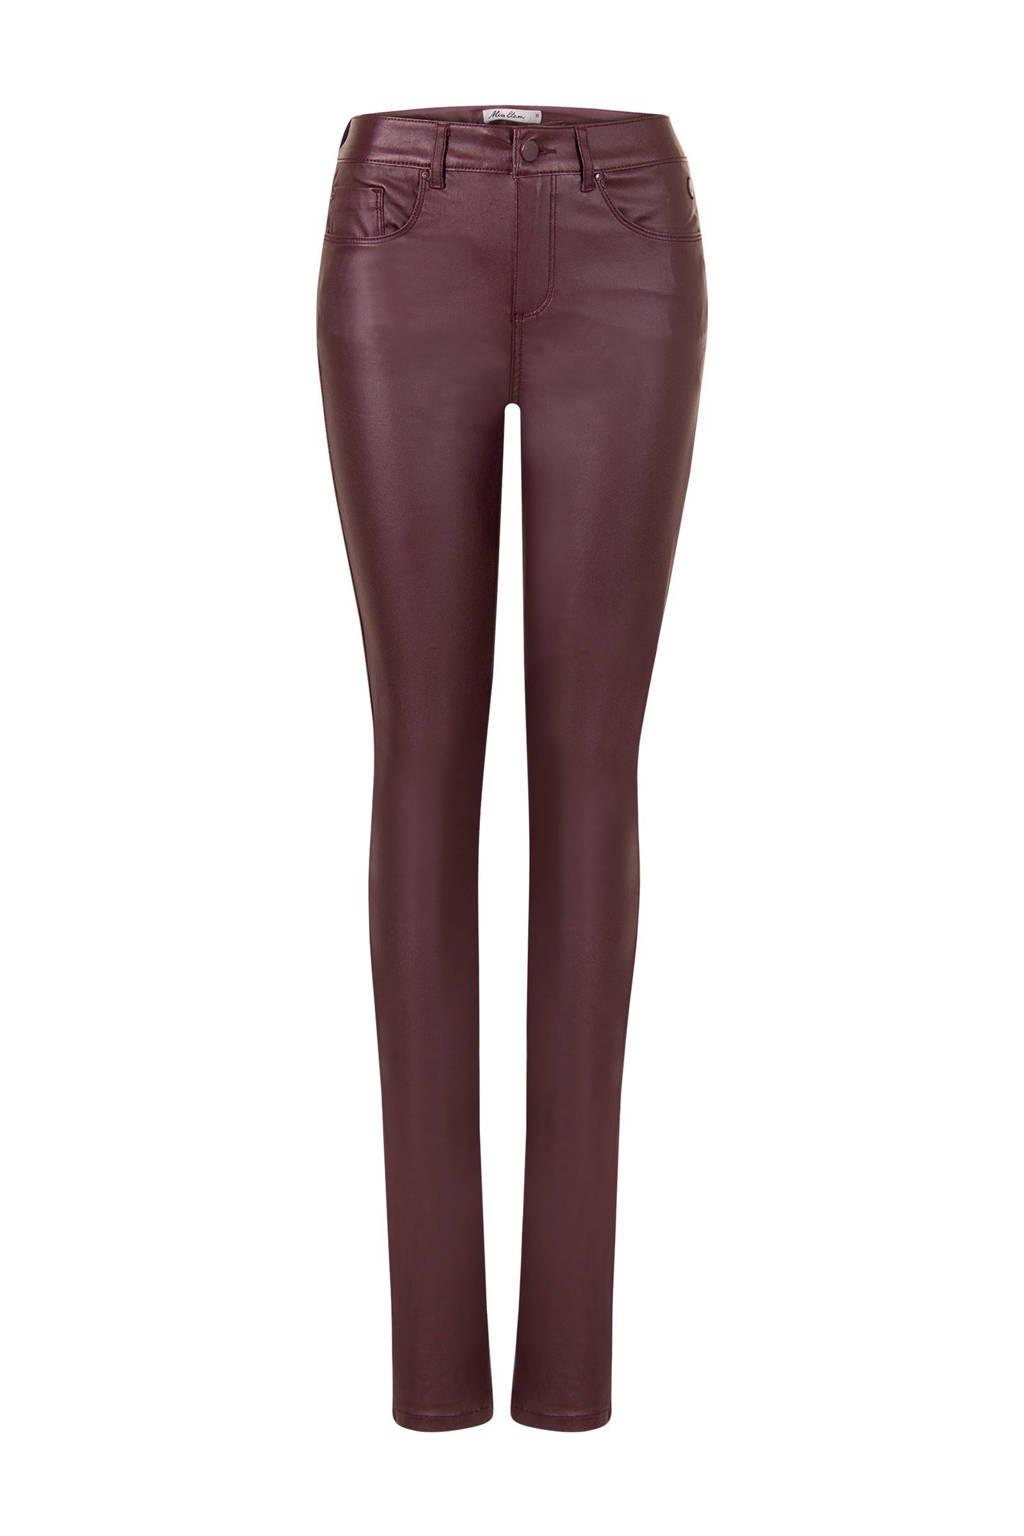 Miss Etam Lang coated slim fit broek 36 inch, Donkerrood